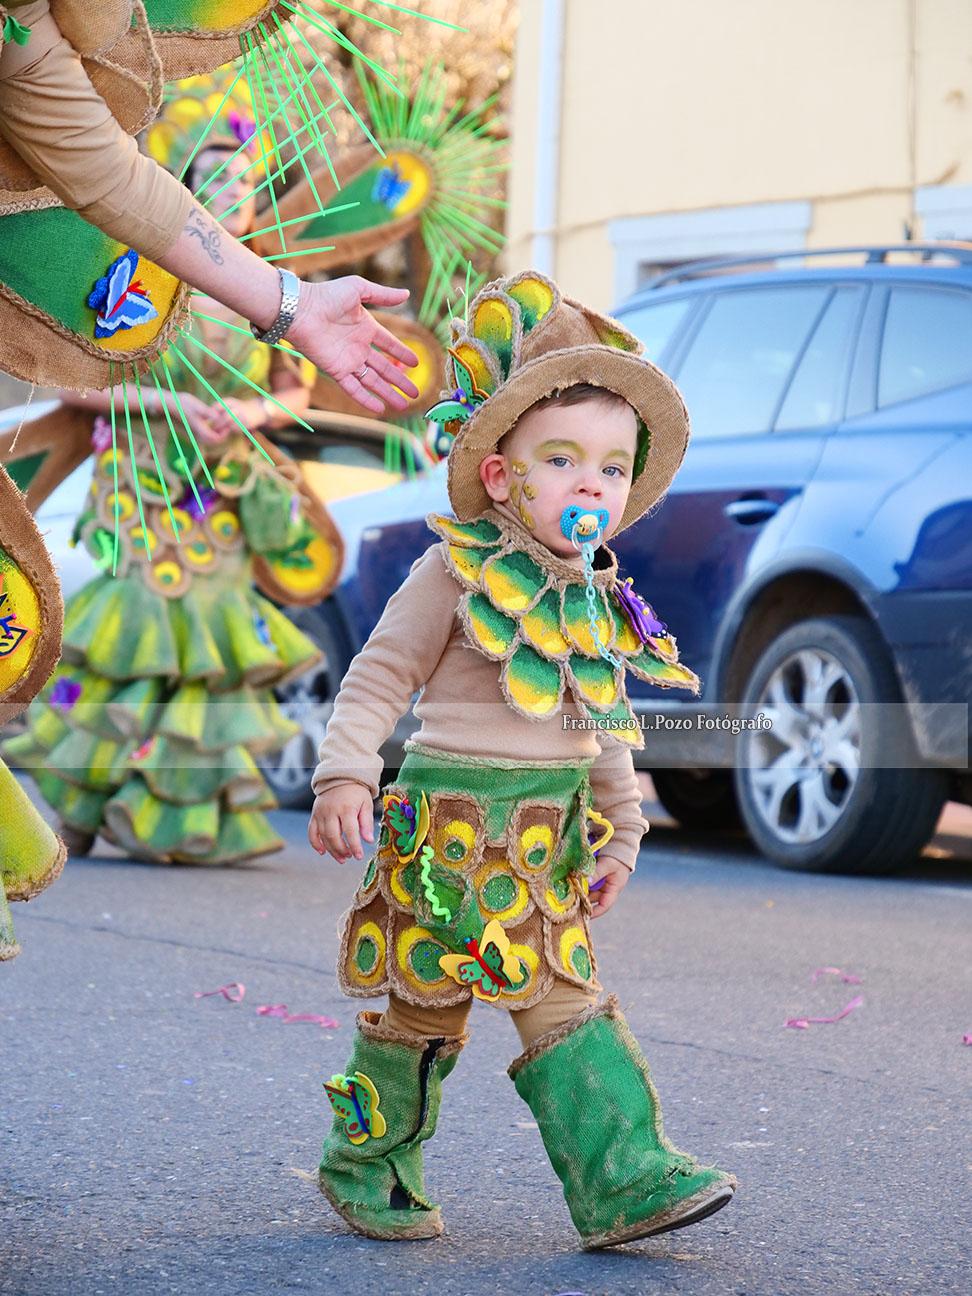 Carnaval 2020: Camponaraya sale a la calle a ritmo de comparsa 91